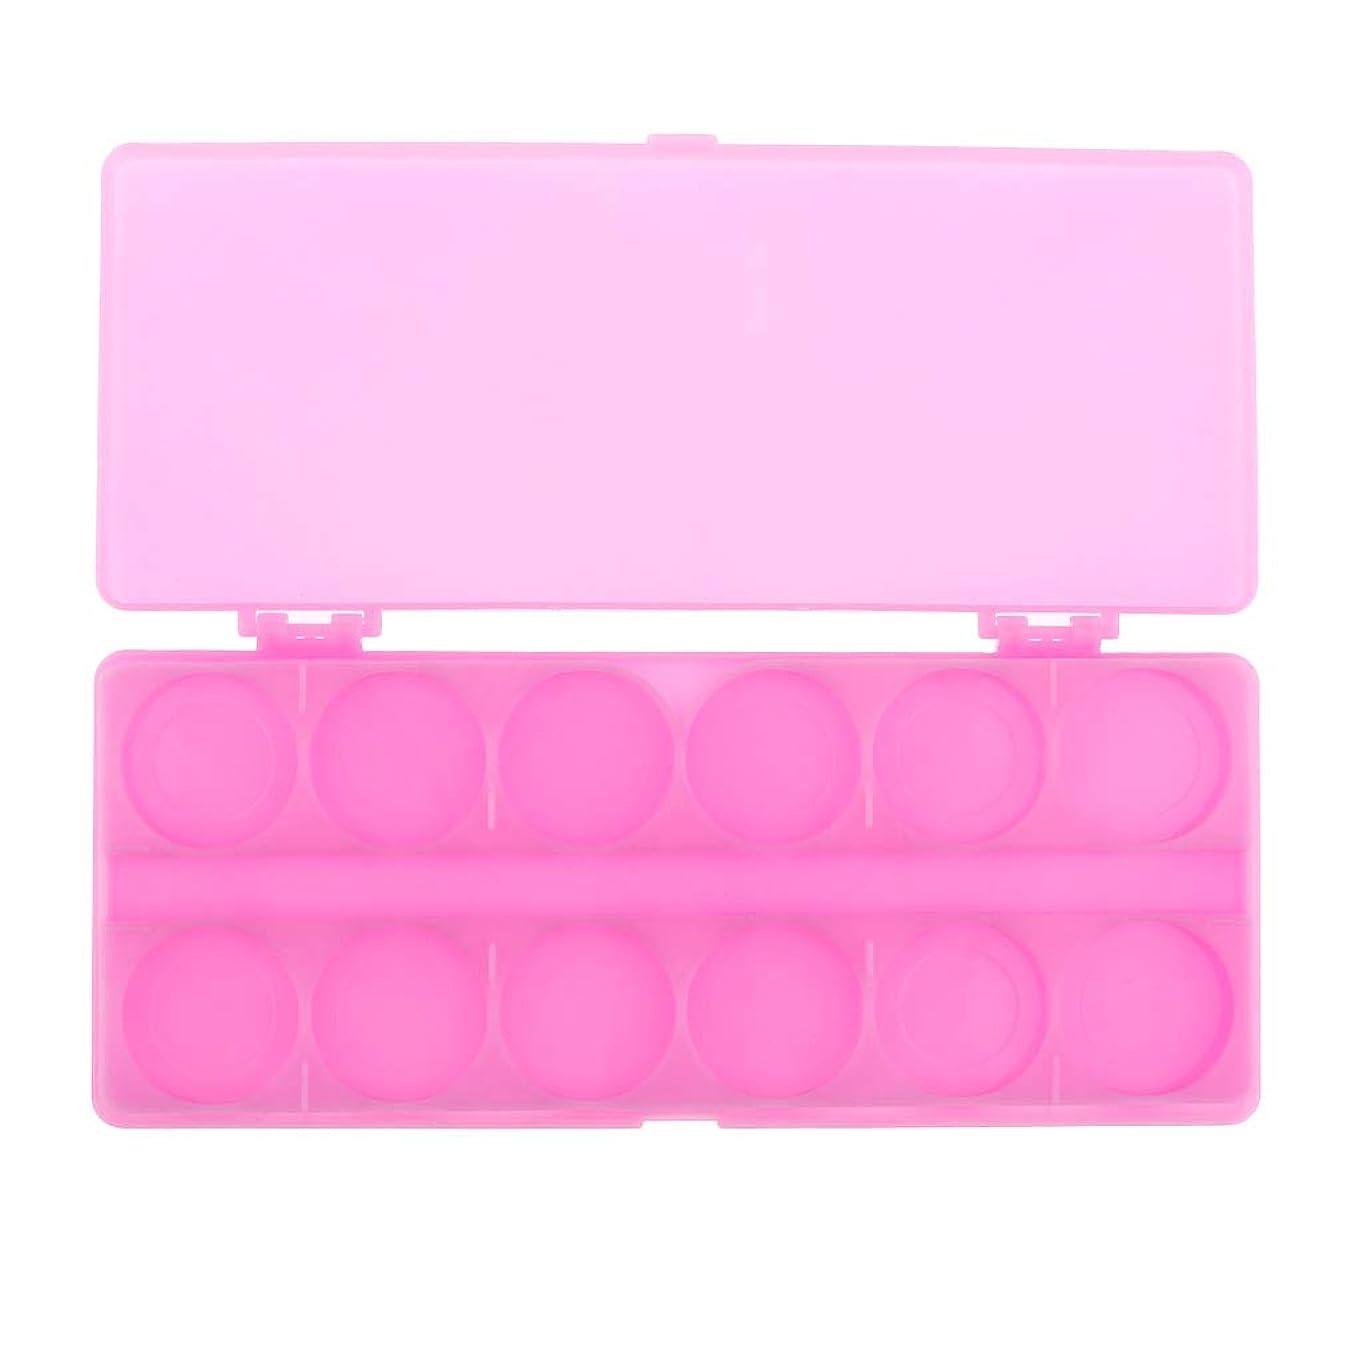 エイリアス豚示すSharplace 水彩画/ガッシュ/アクリルオイルペイント用 ネイルアート 化粧品 混合パレット 顔料パレット 全3色 - ピンク